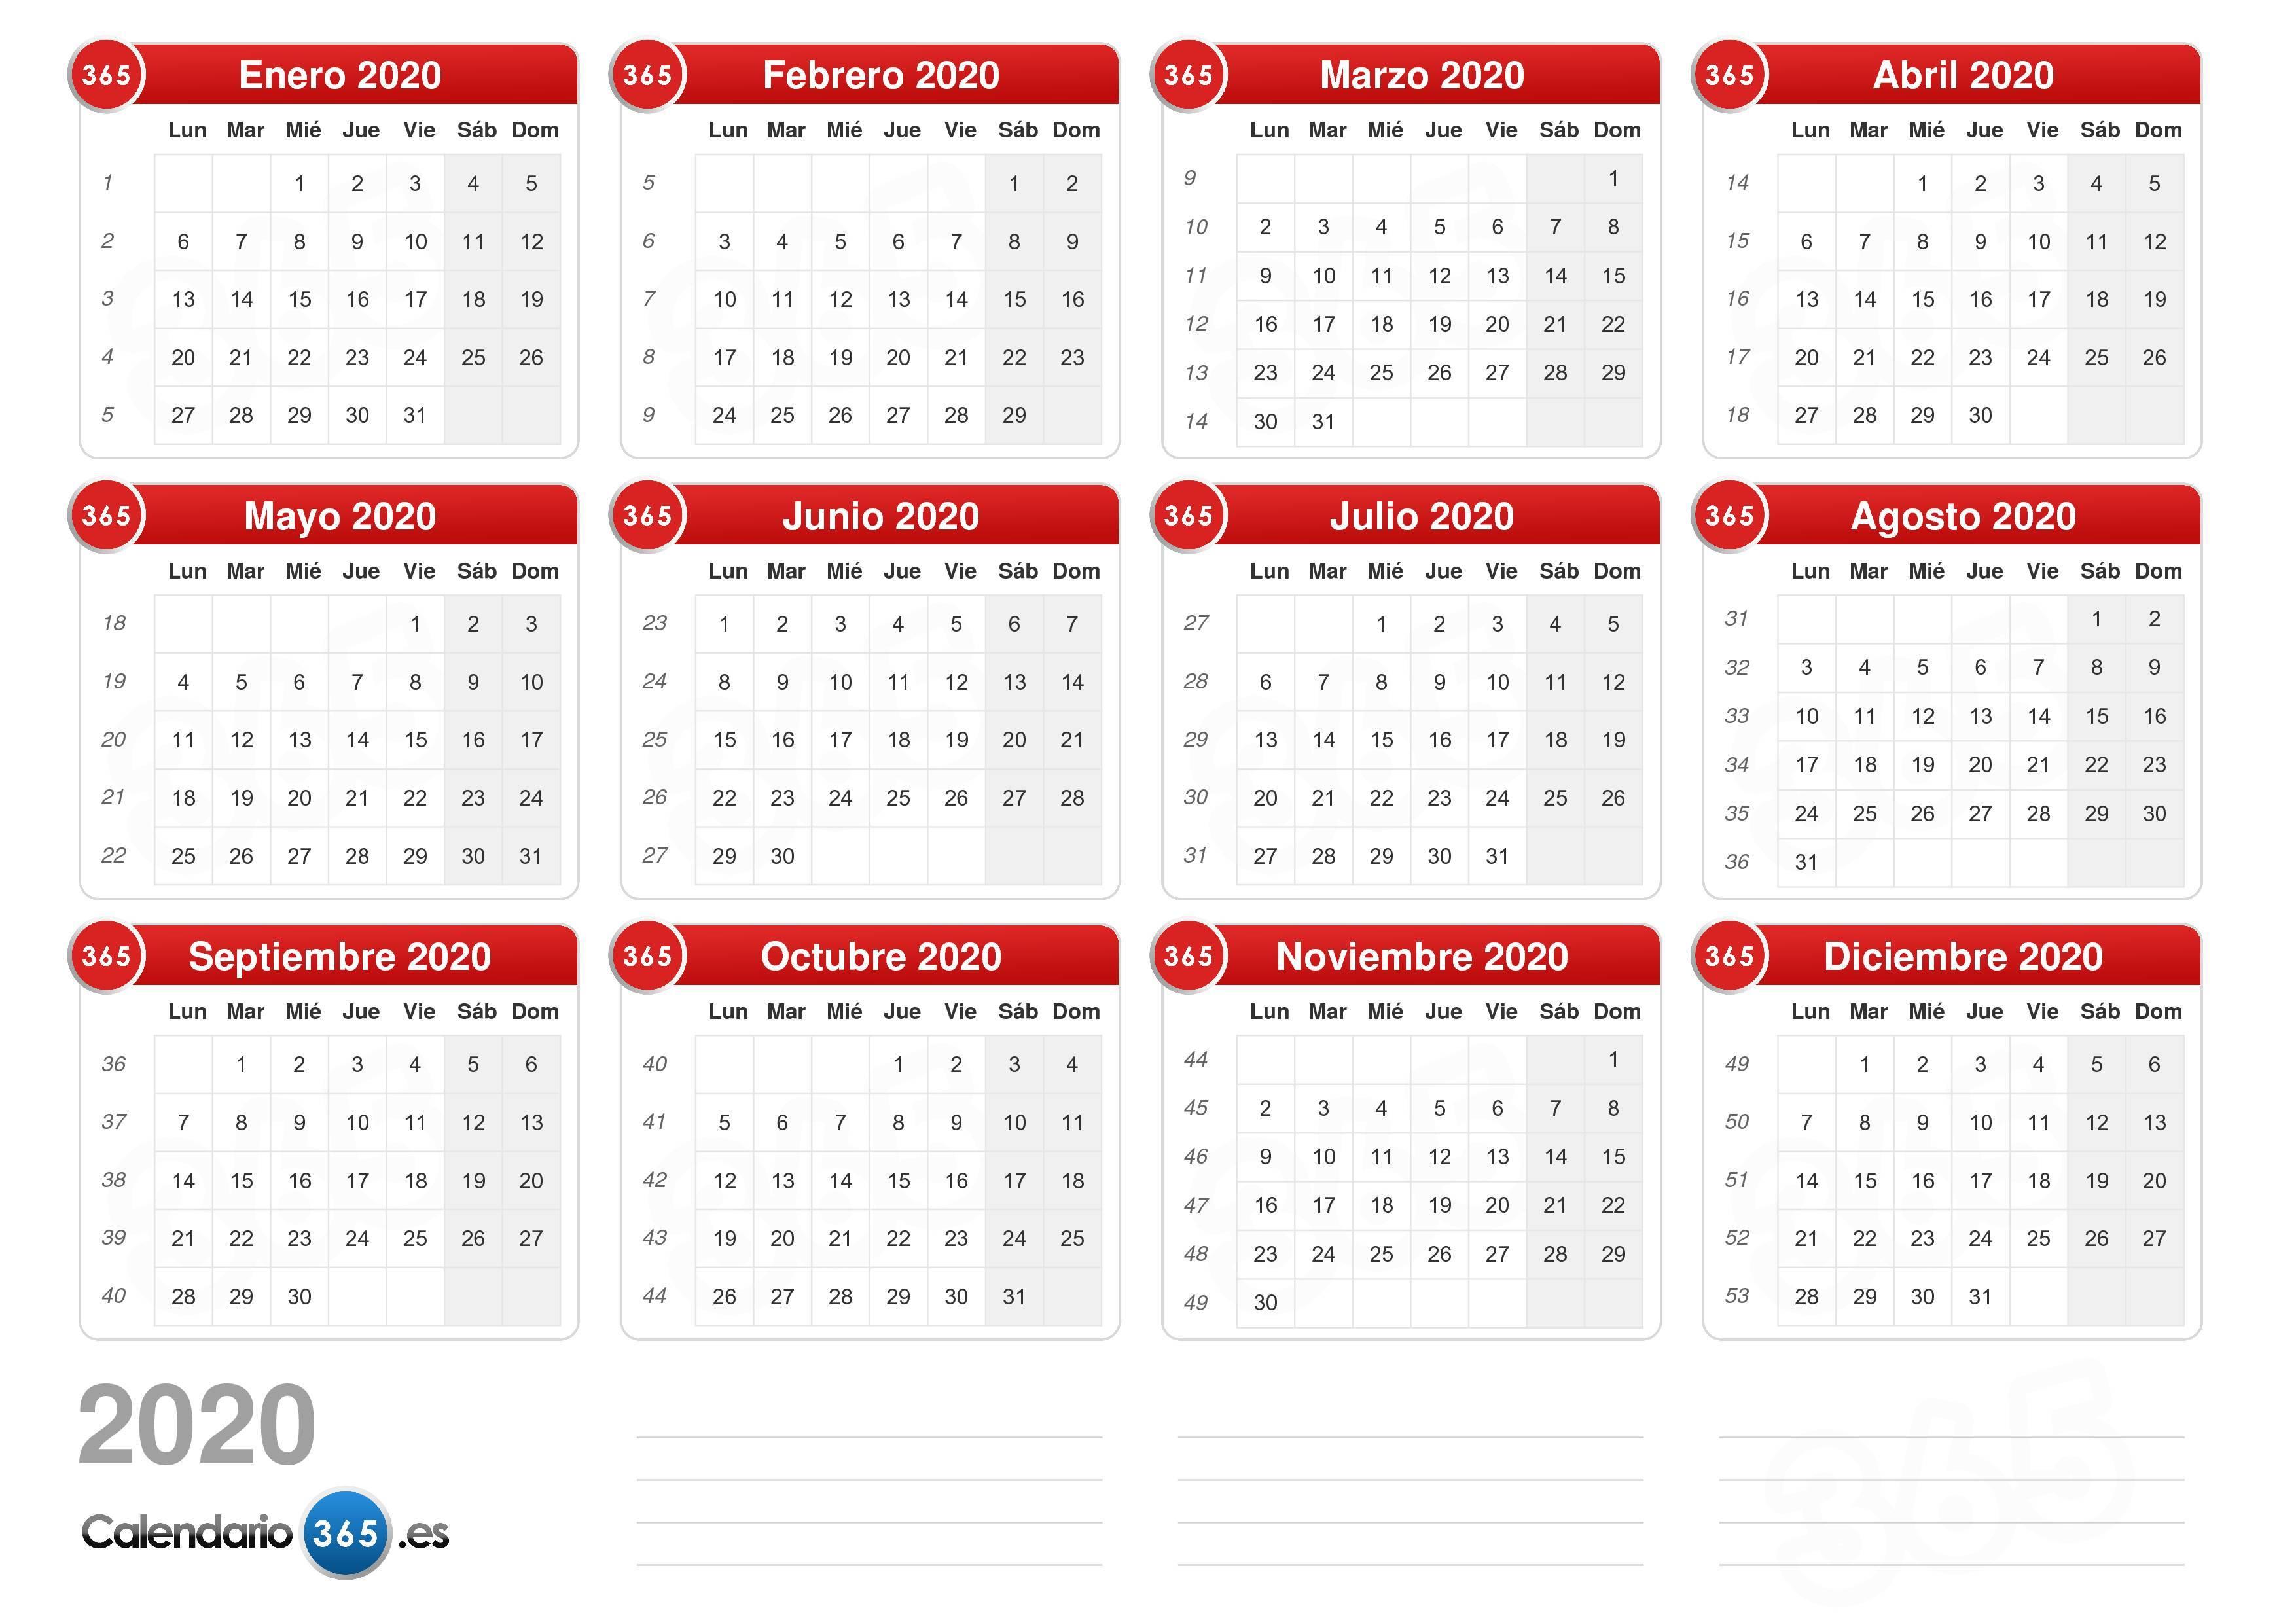 Calendario Julio 2020 Para Imprimir.Calendario 2020